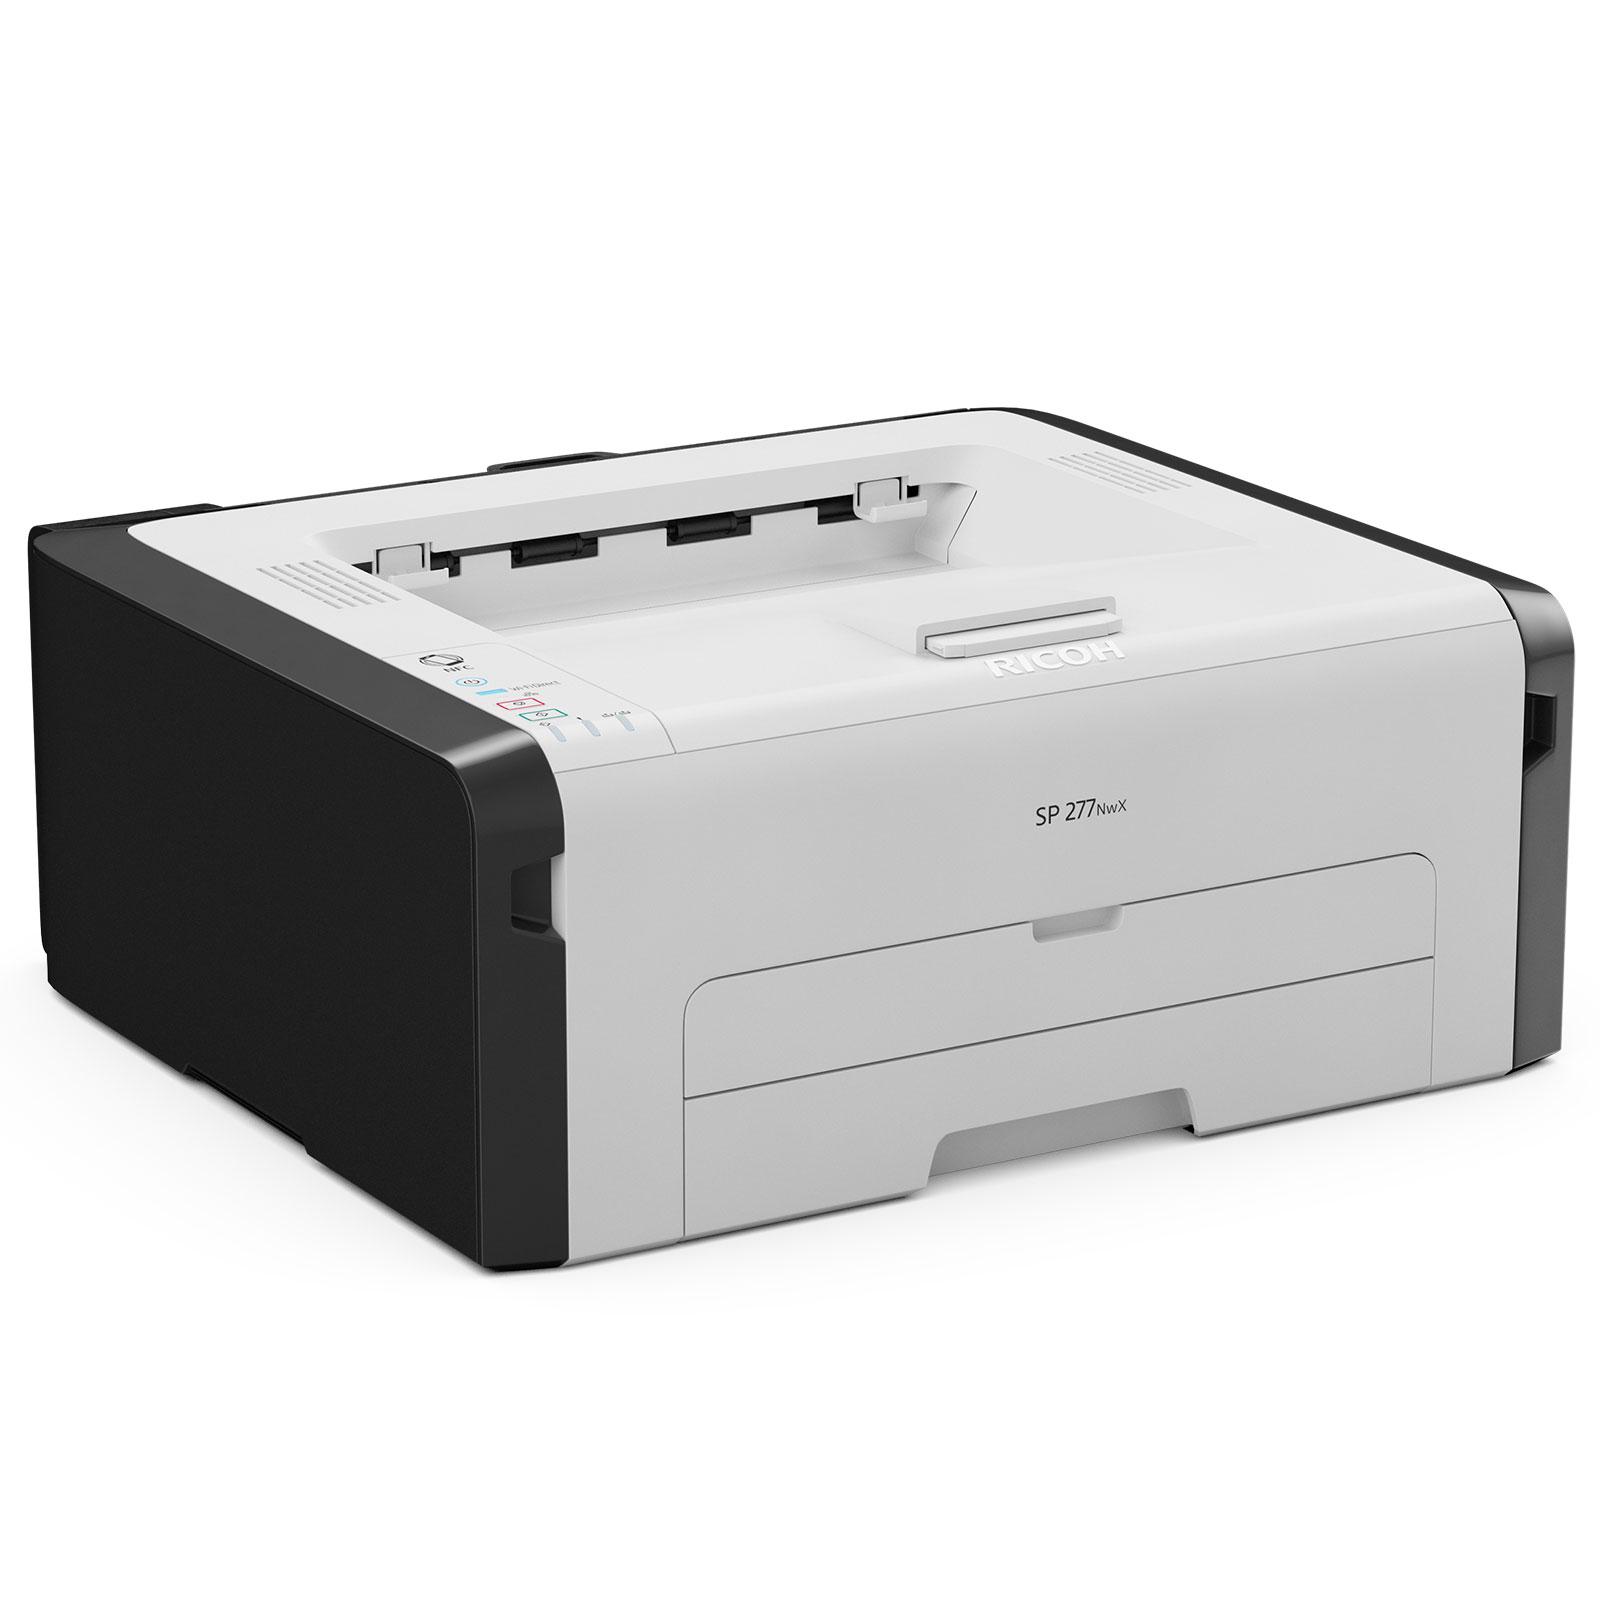 Ricoh Sp 277nwx Imprimante Laser Ricoh Sur Ldlc Com